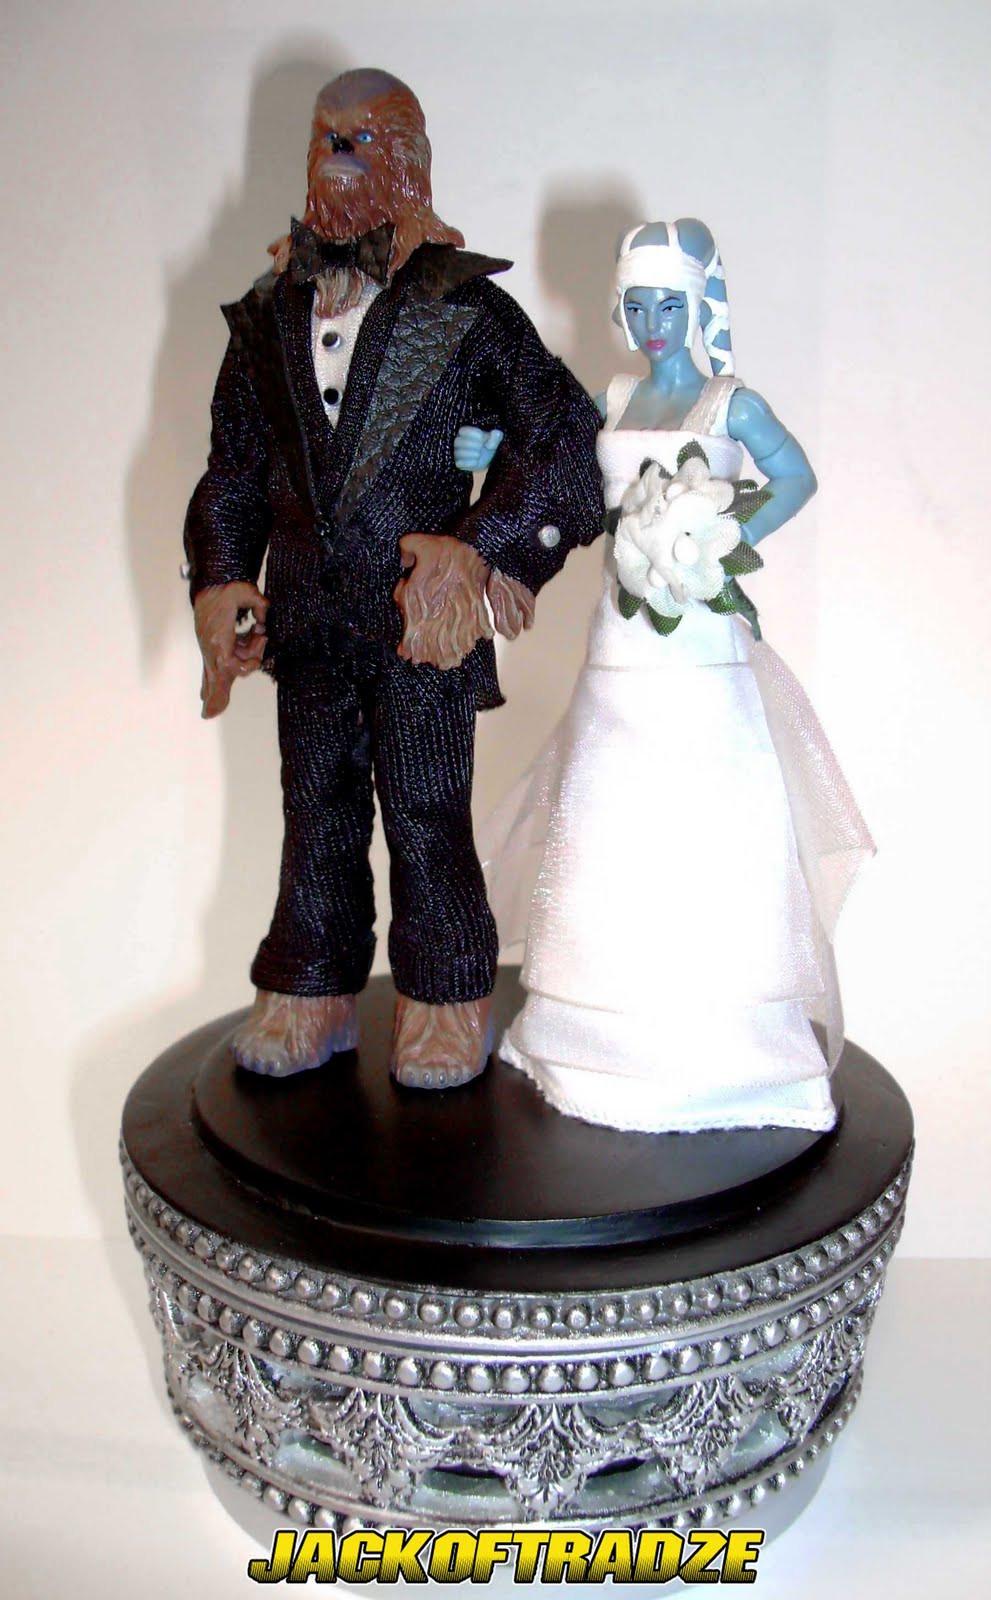 Wedding Cakes Figures  JACKOFTRADZE Custom Star Wars Action Figures Custom